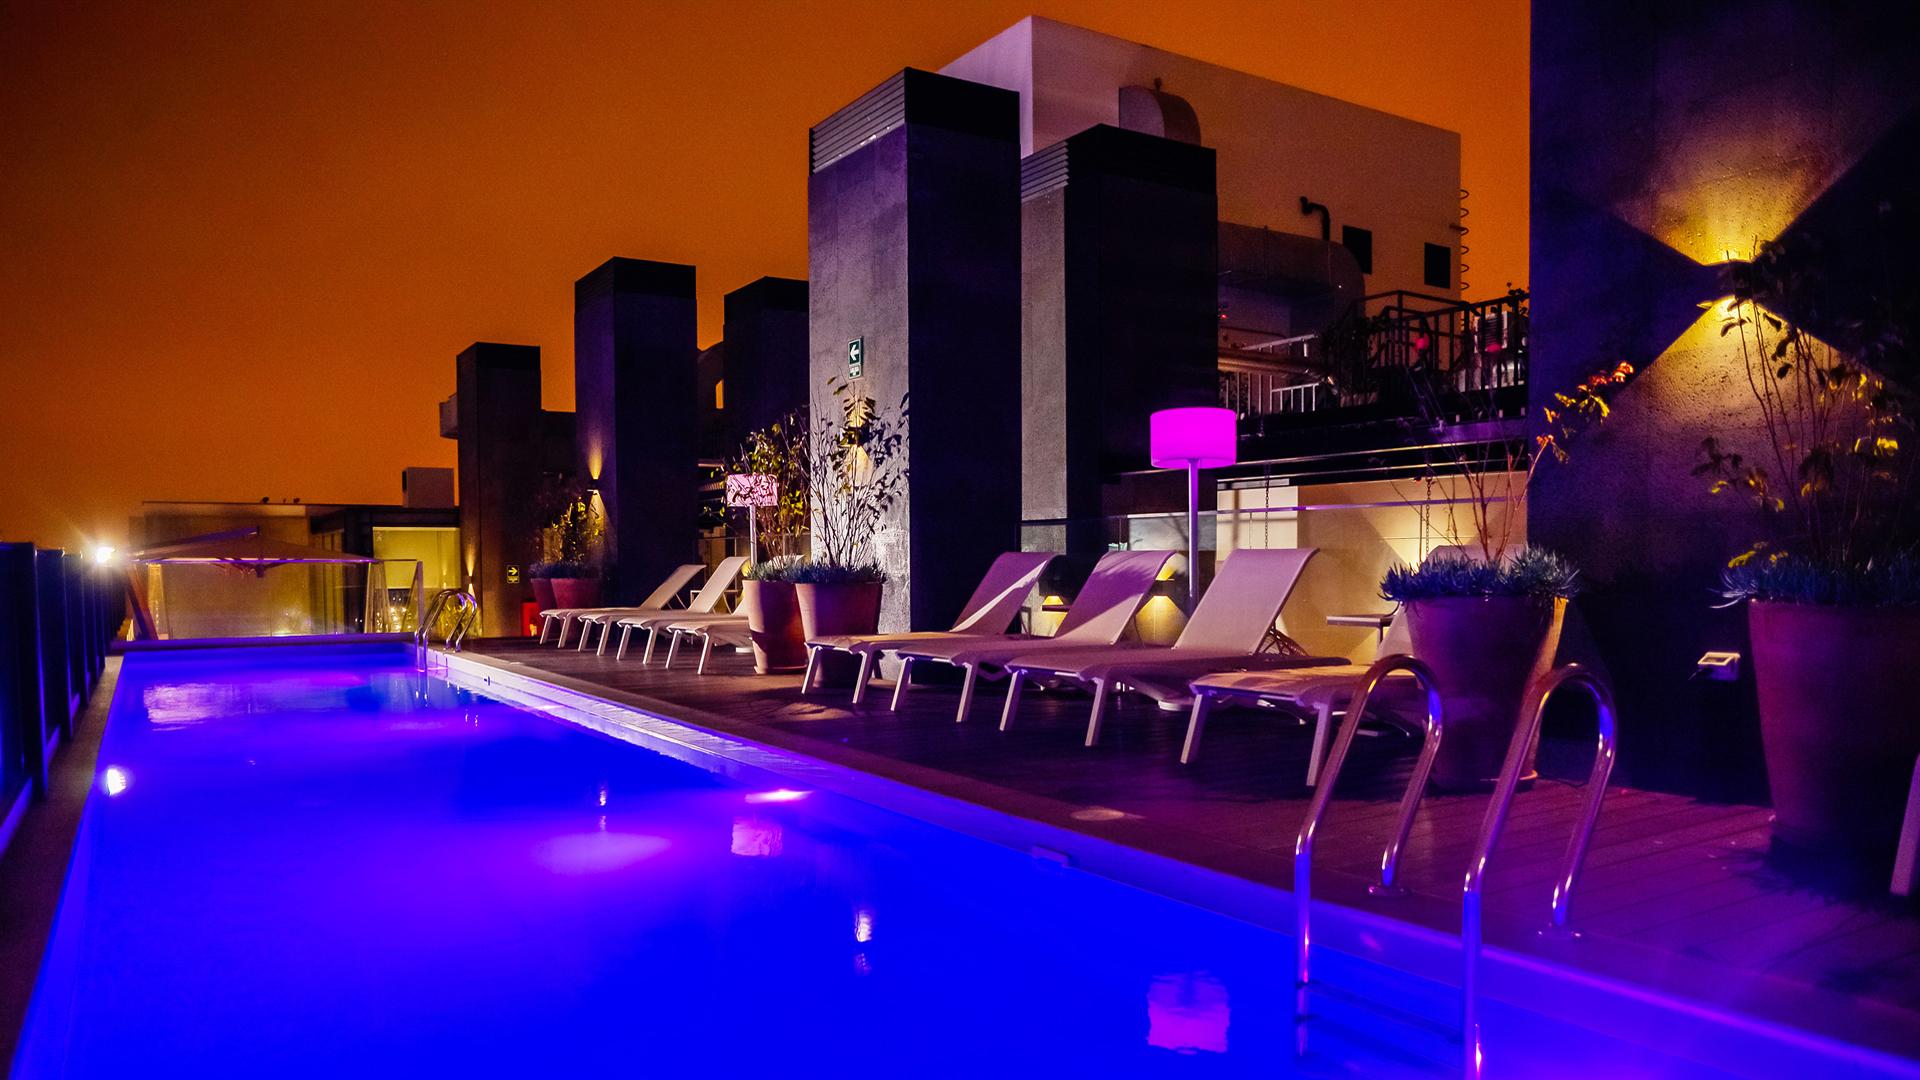 Vista nocturna de la pileta chic. Está en el último piso del INNSIDE Lima Miraflores, junto al gimnasio que está abierto las 24 horas.